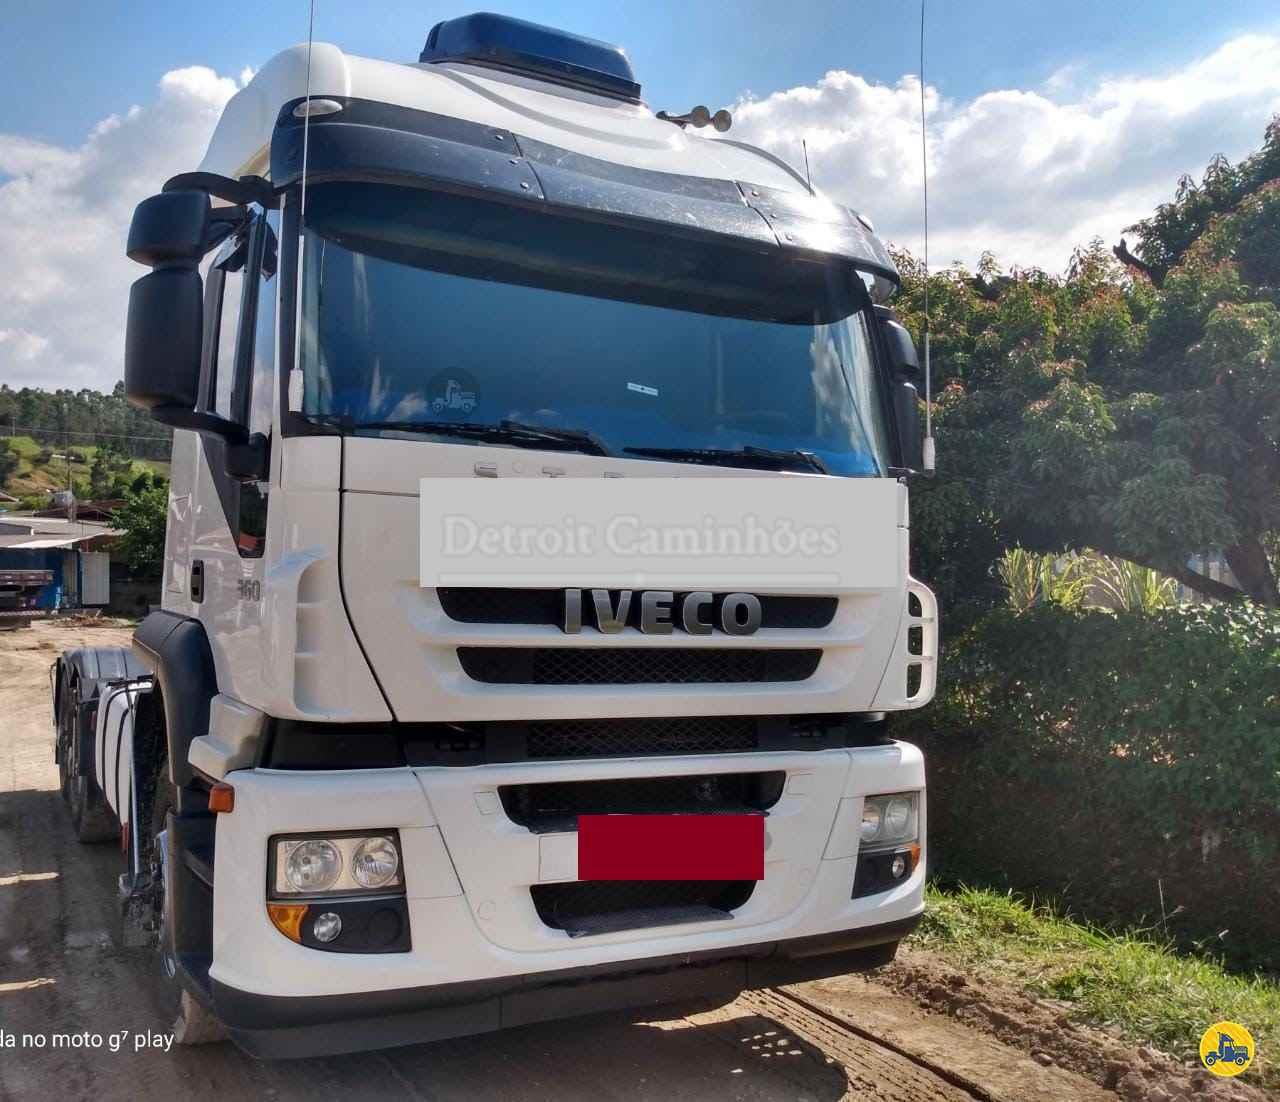 CAMINHAO IVECO STRALIS 360 Cavalo Mecânico Truck 6x2 Detroit Caminhões SAO JOSE DOS CAMPOS SÃO PAULO SP